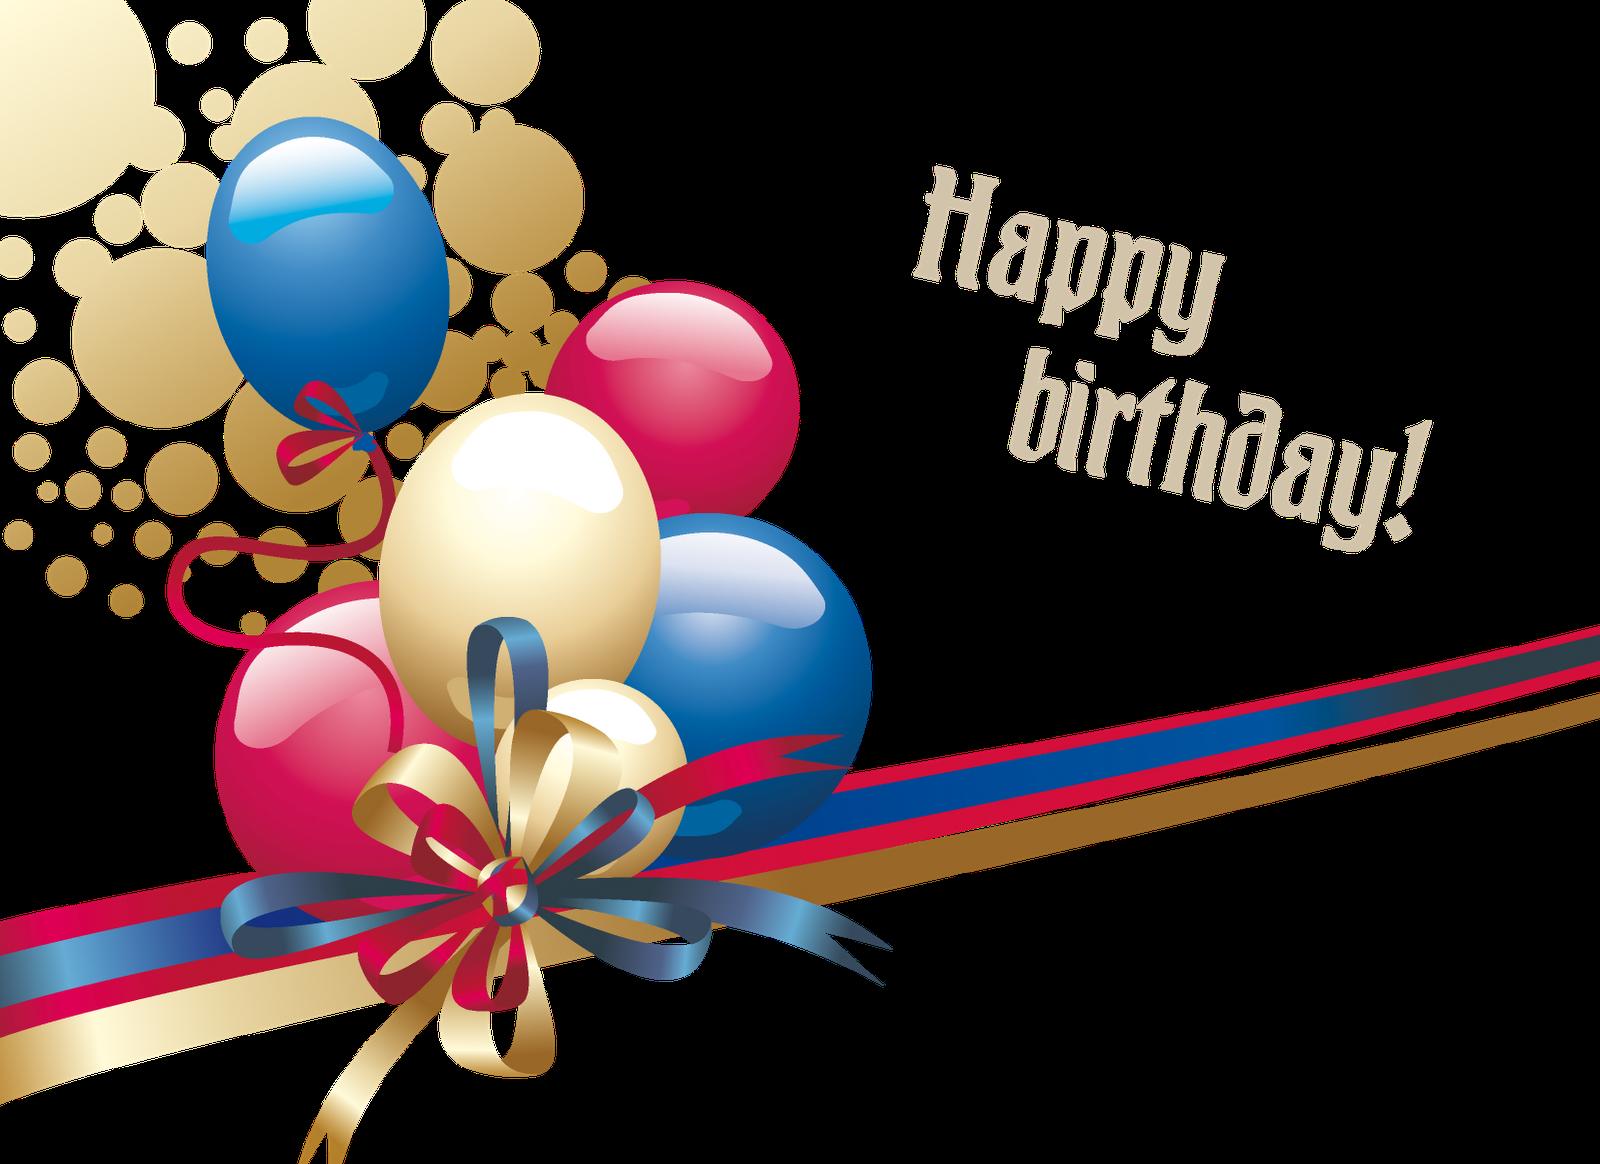 happy birthday png | Publicado por Aracely en 10:45